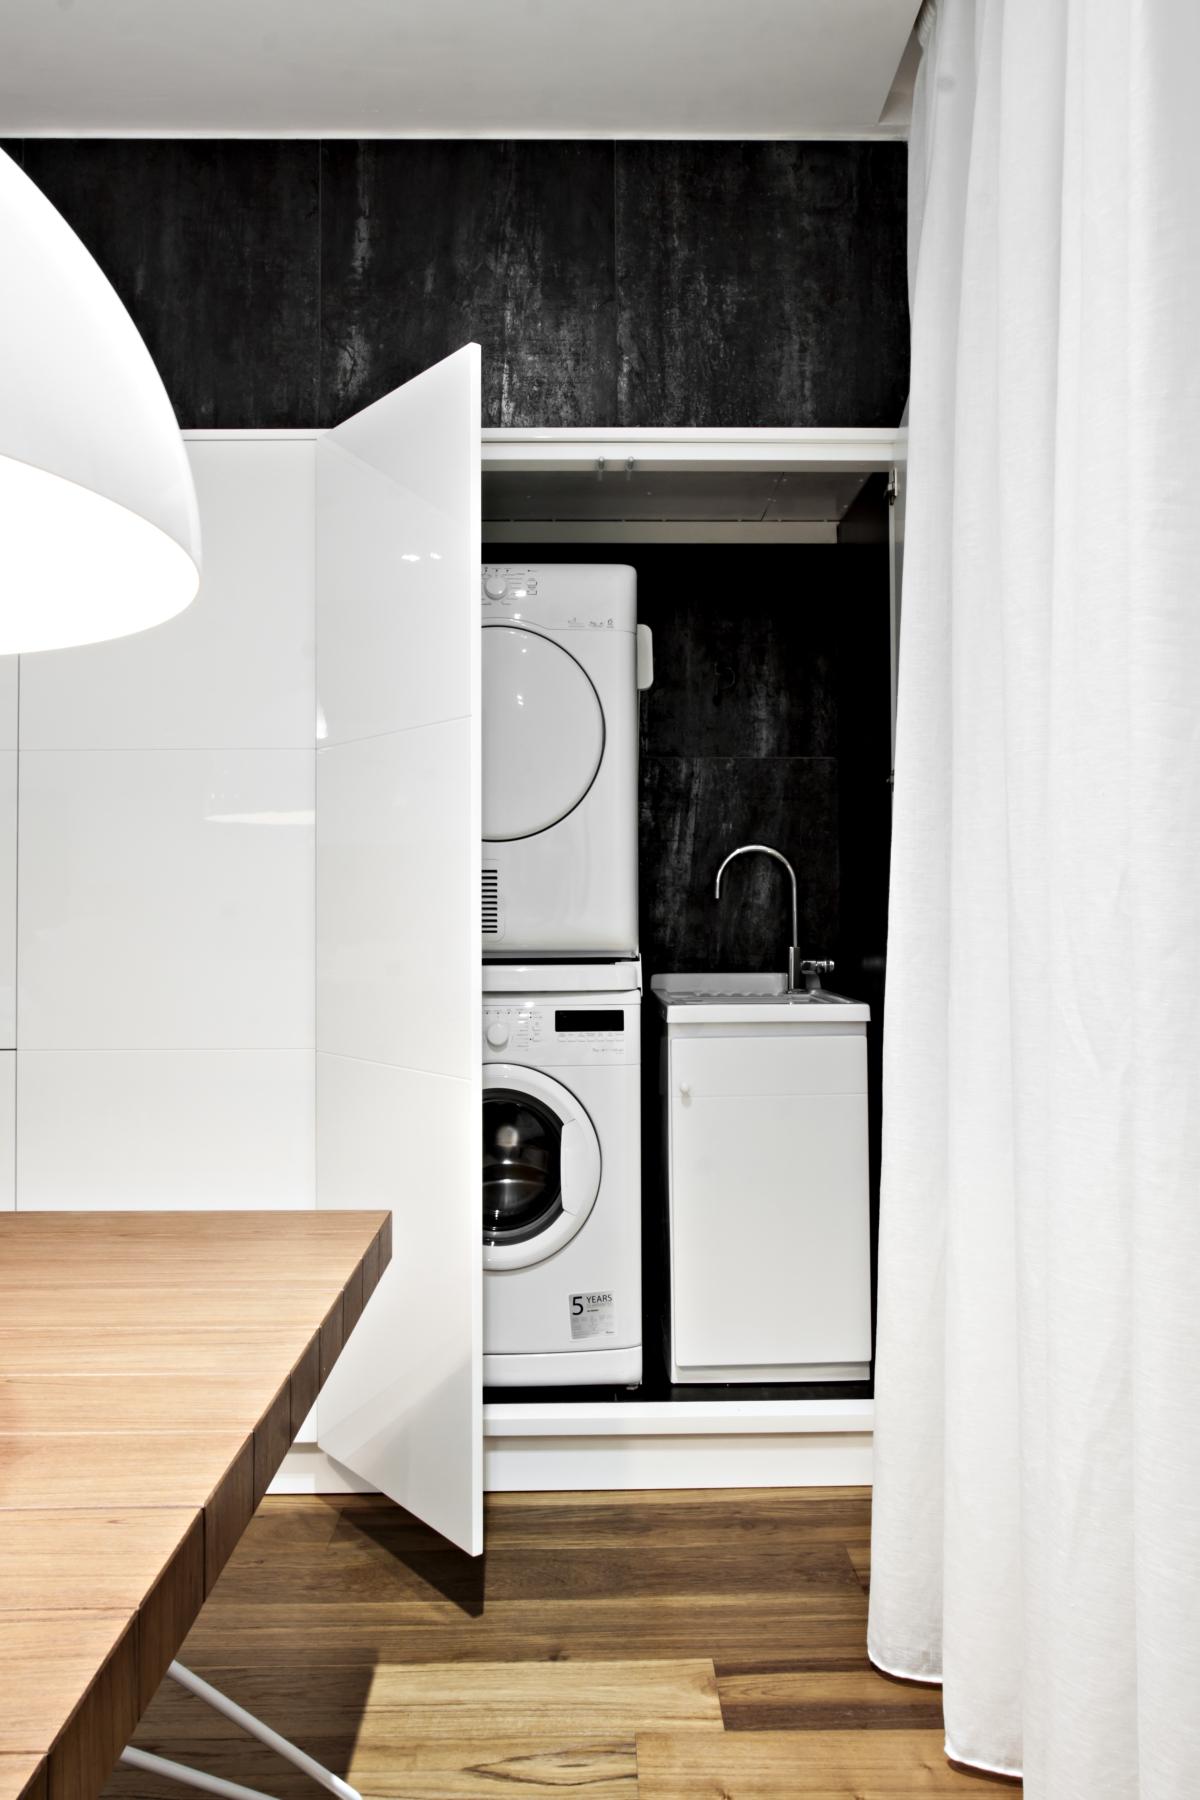 光沢のある漆塗りのMDF内のコンテナには、家電製品や調理器具などのすべての構成要素を組み込みます。